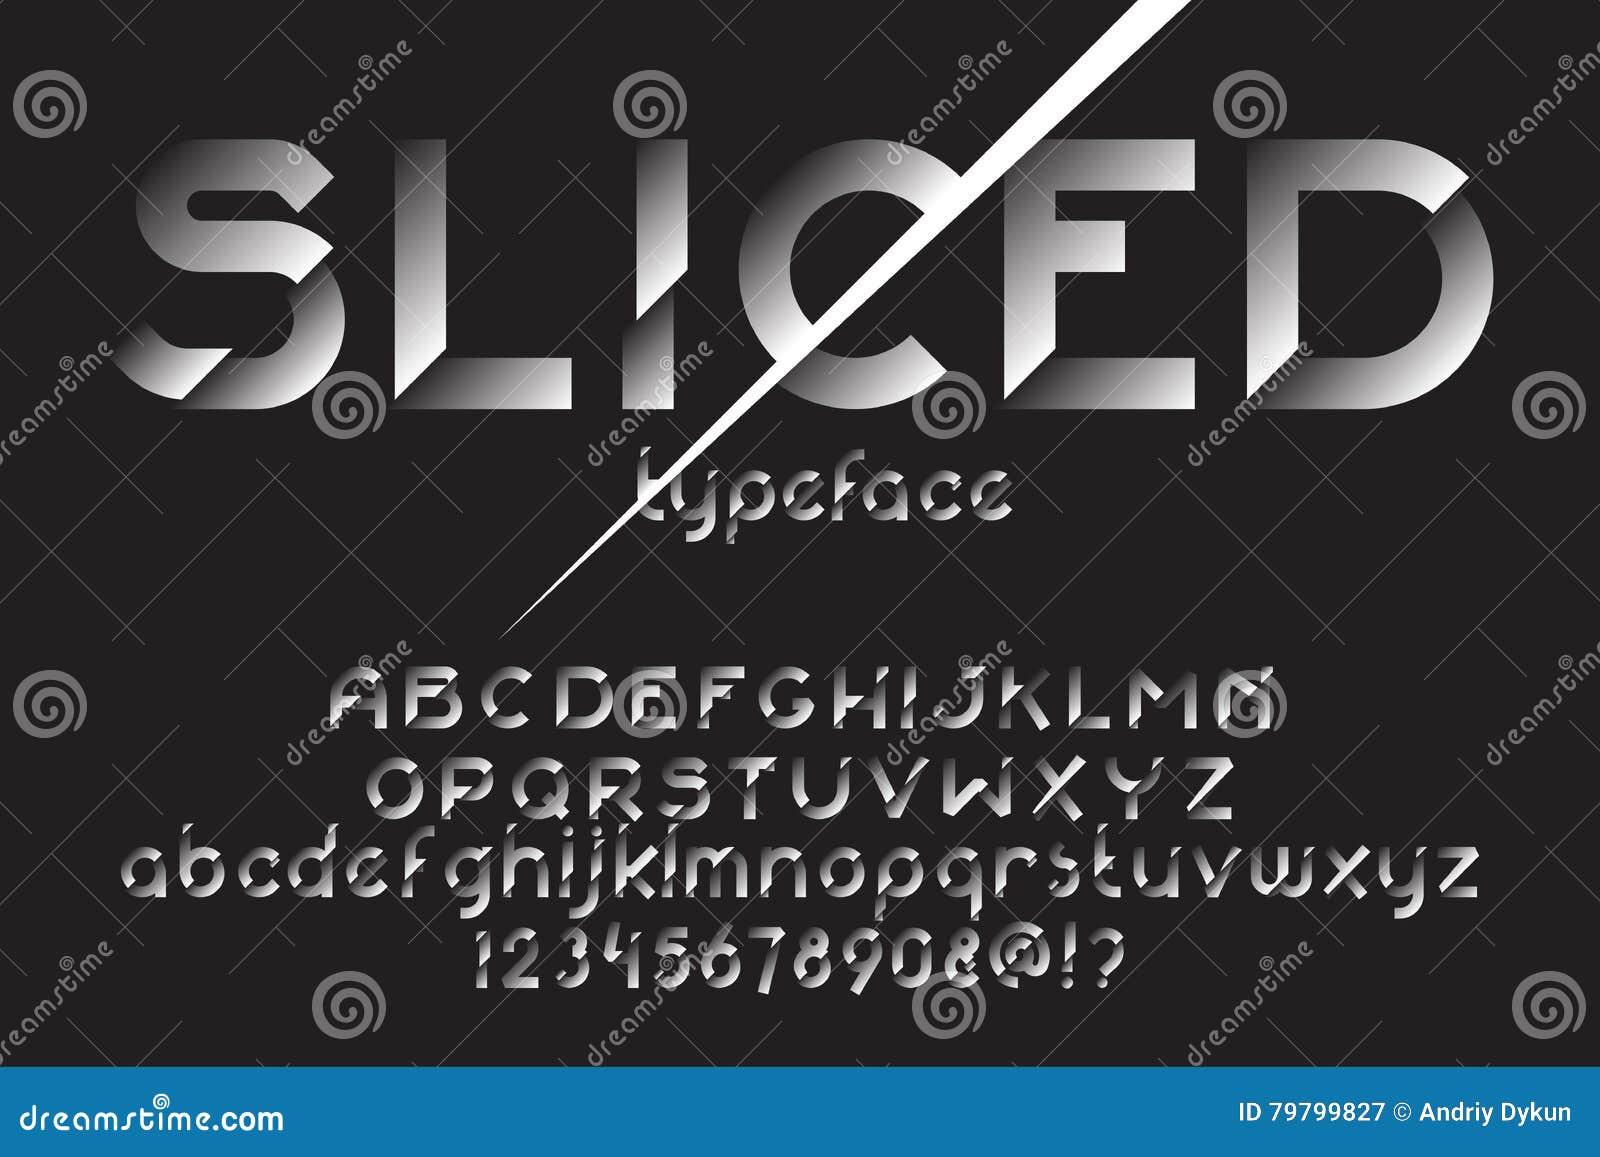 Sliced font set